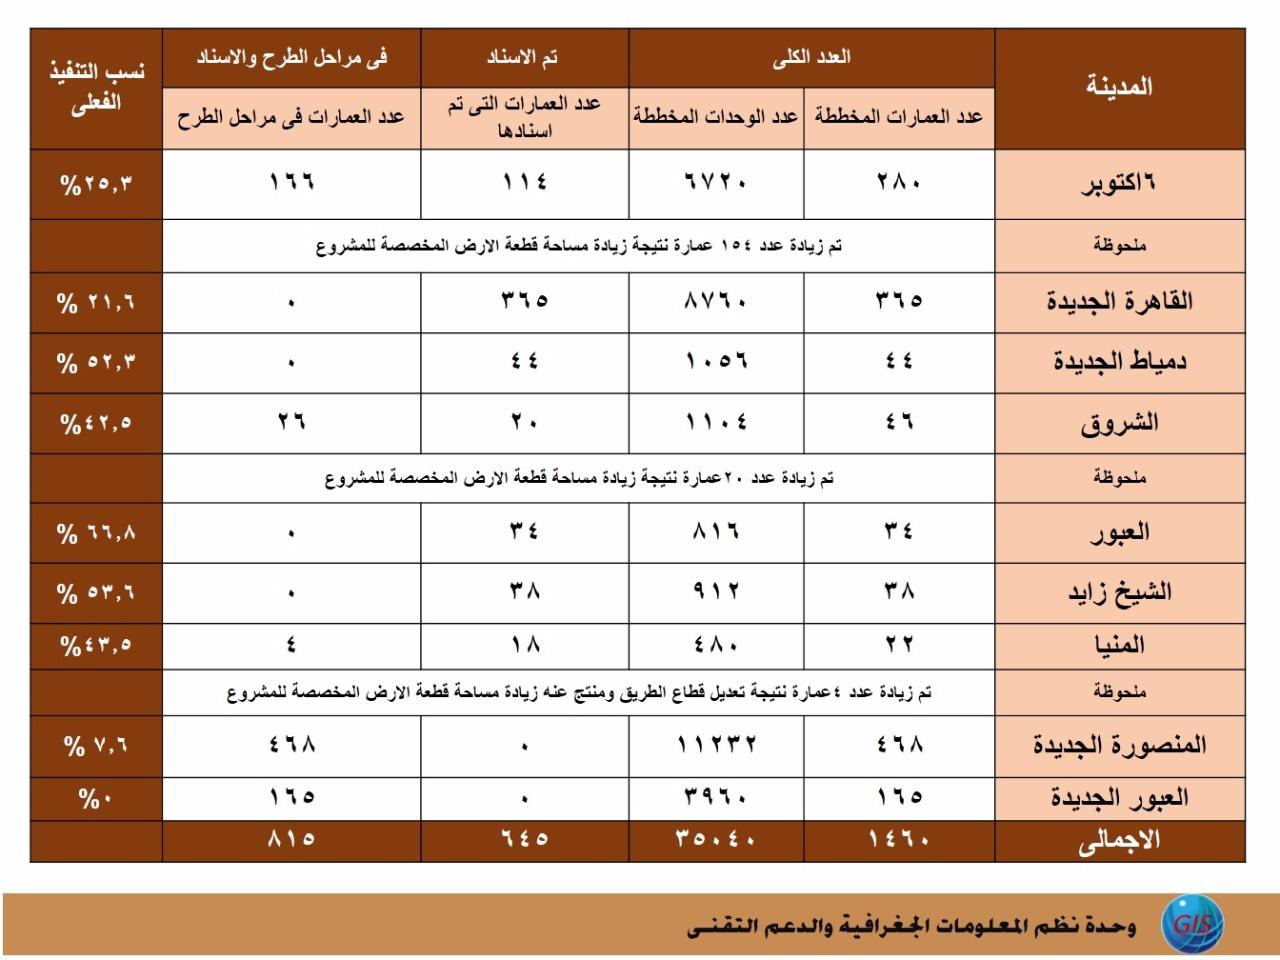 بالأرقام ننفرد بنسب تنفيذ المرحلة الثالثة لمشروع دار مصر